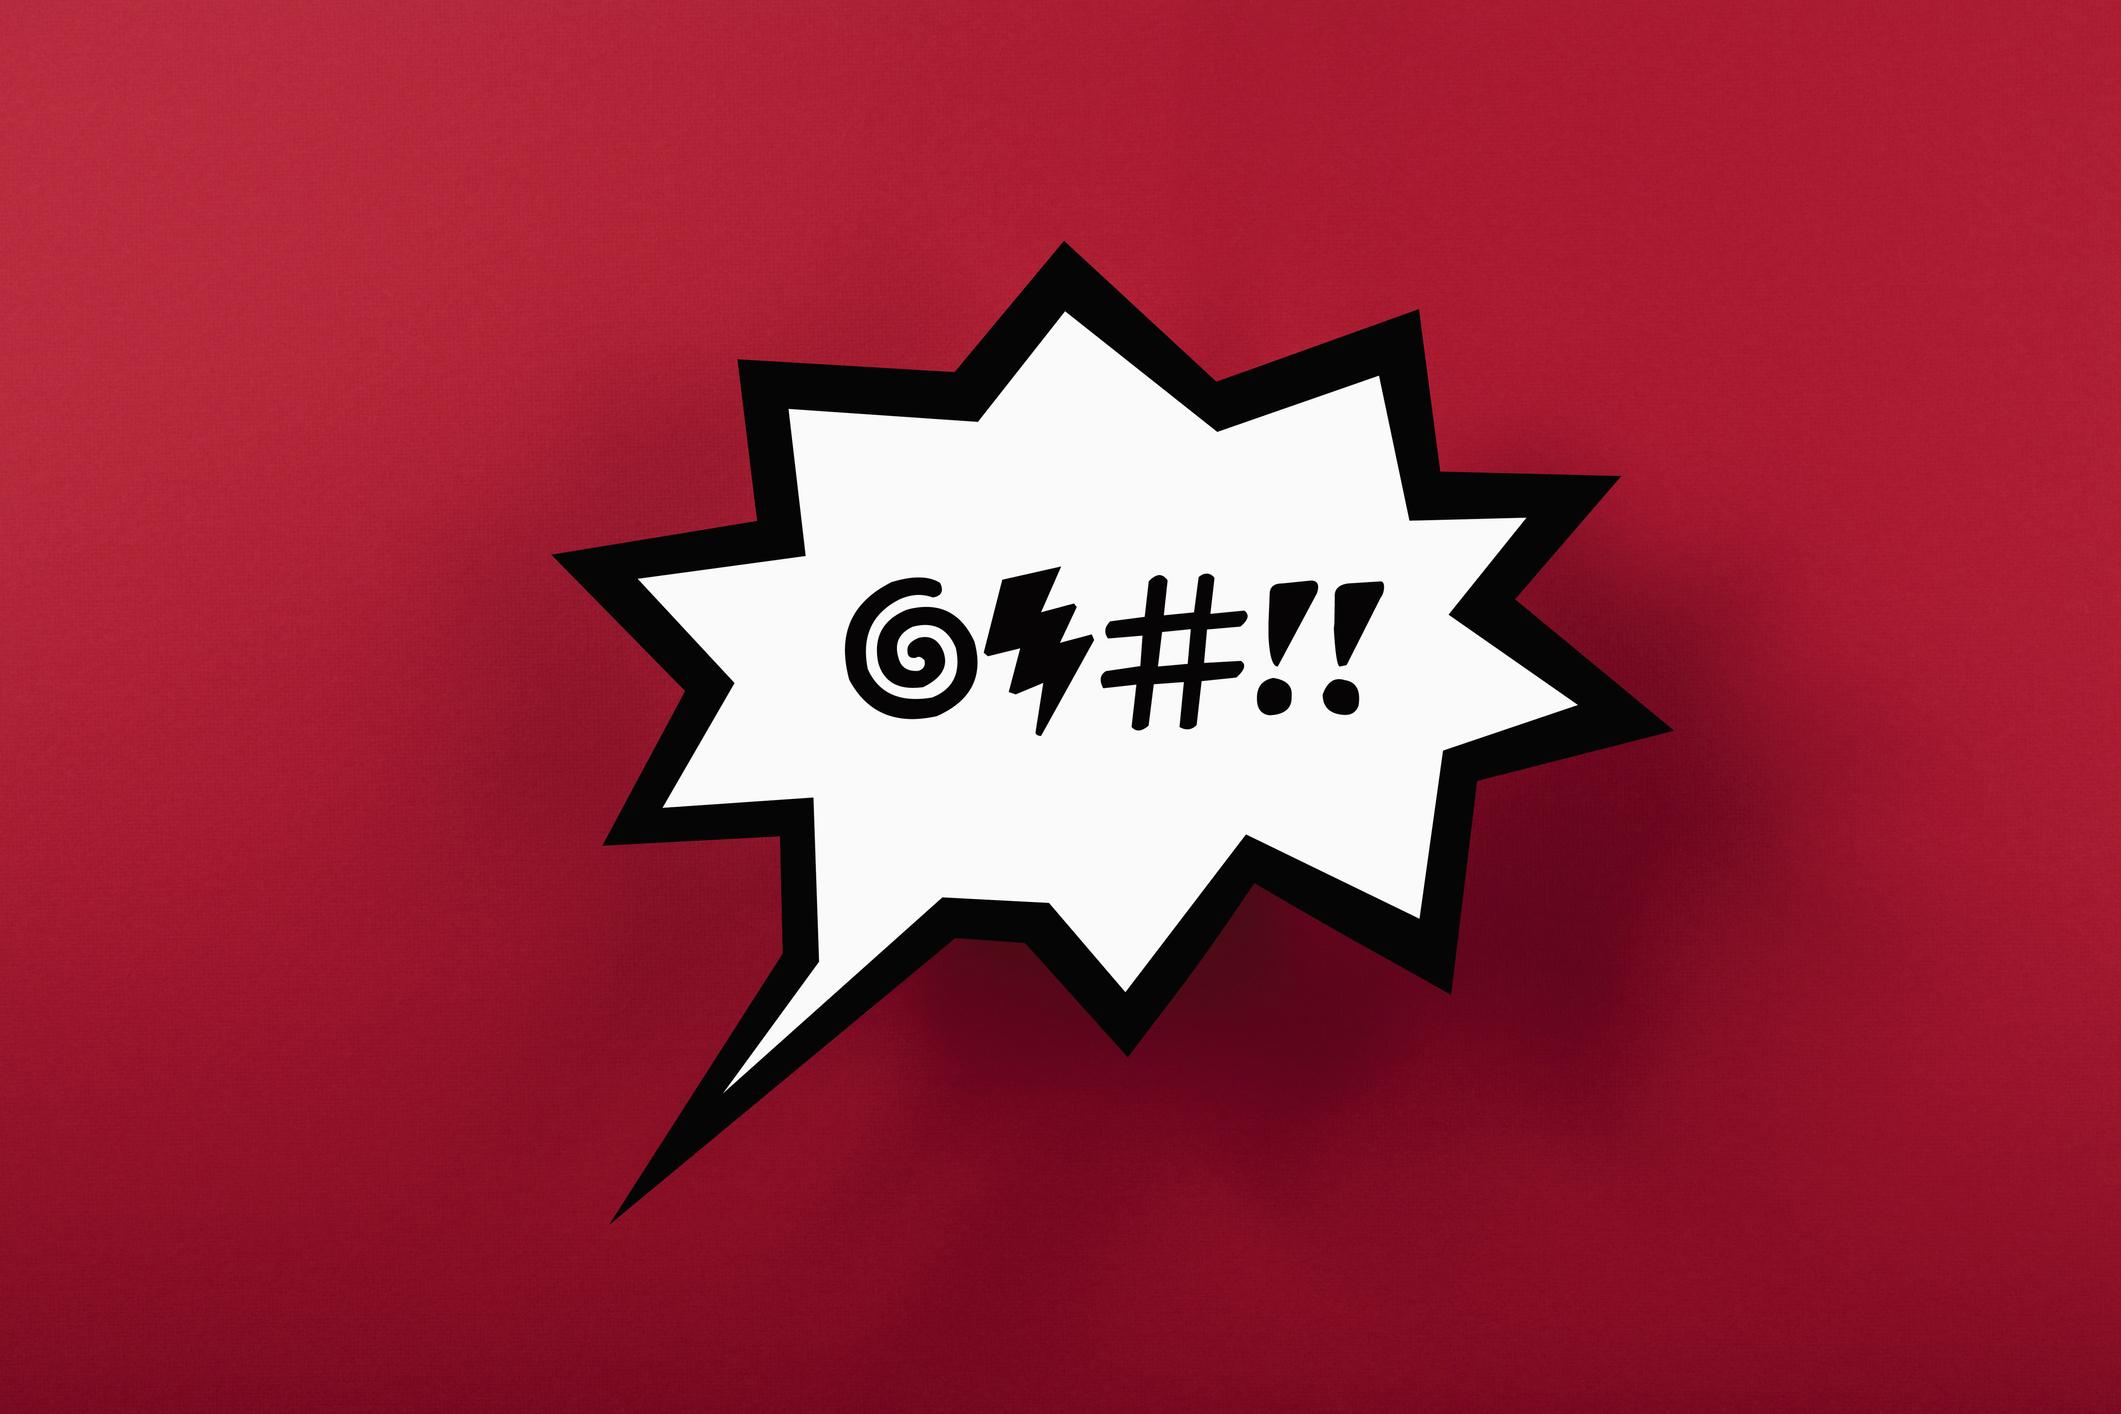 Αυτοφροντίδα Θυμός: Πως ο θυμός επηρεάζει τη σωματική και ψυχική μας υγεία